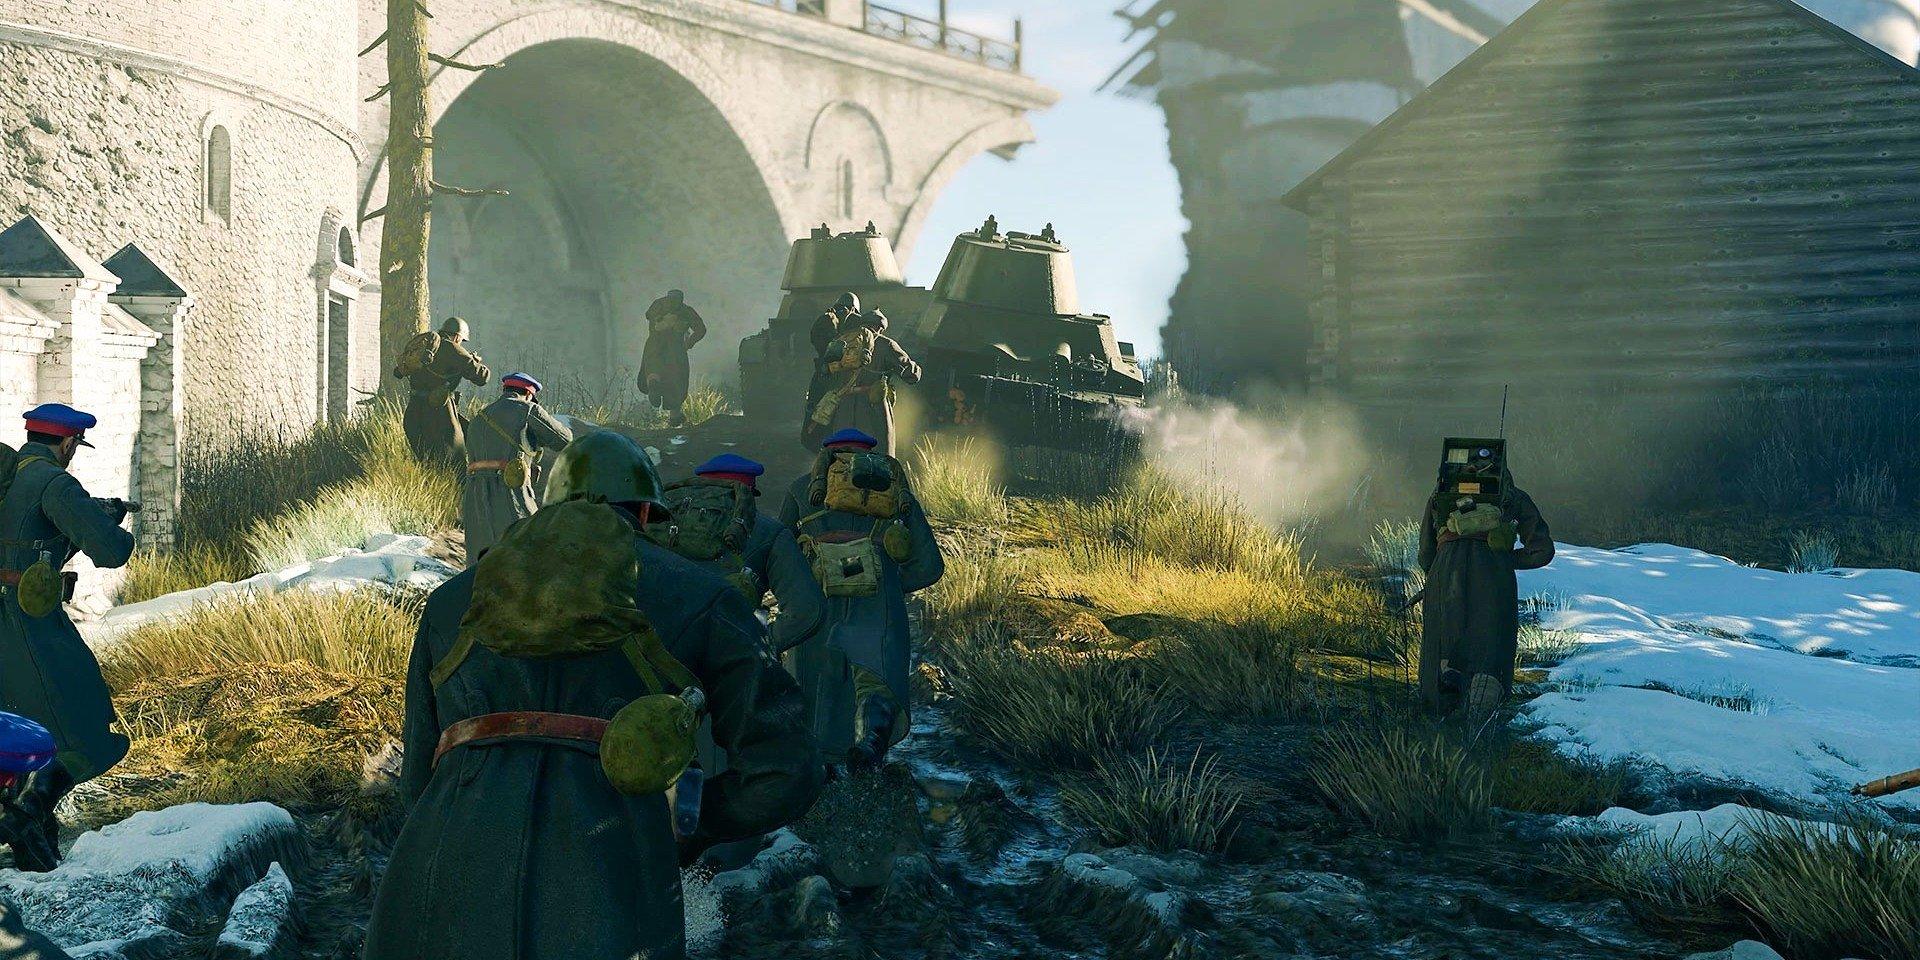 Zamčené Beta Testování hry Enlisted bude dokončeno do dvou týdnů